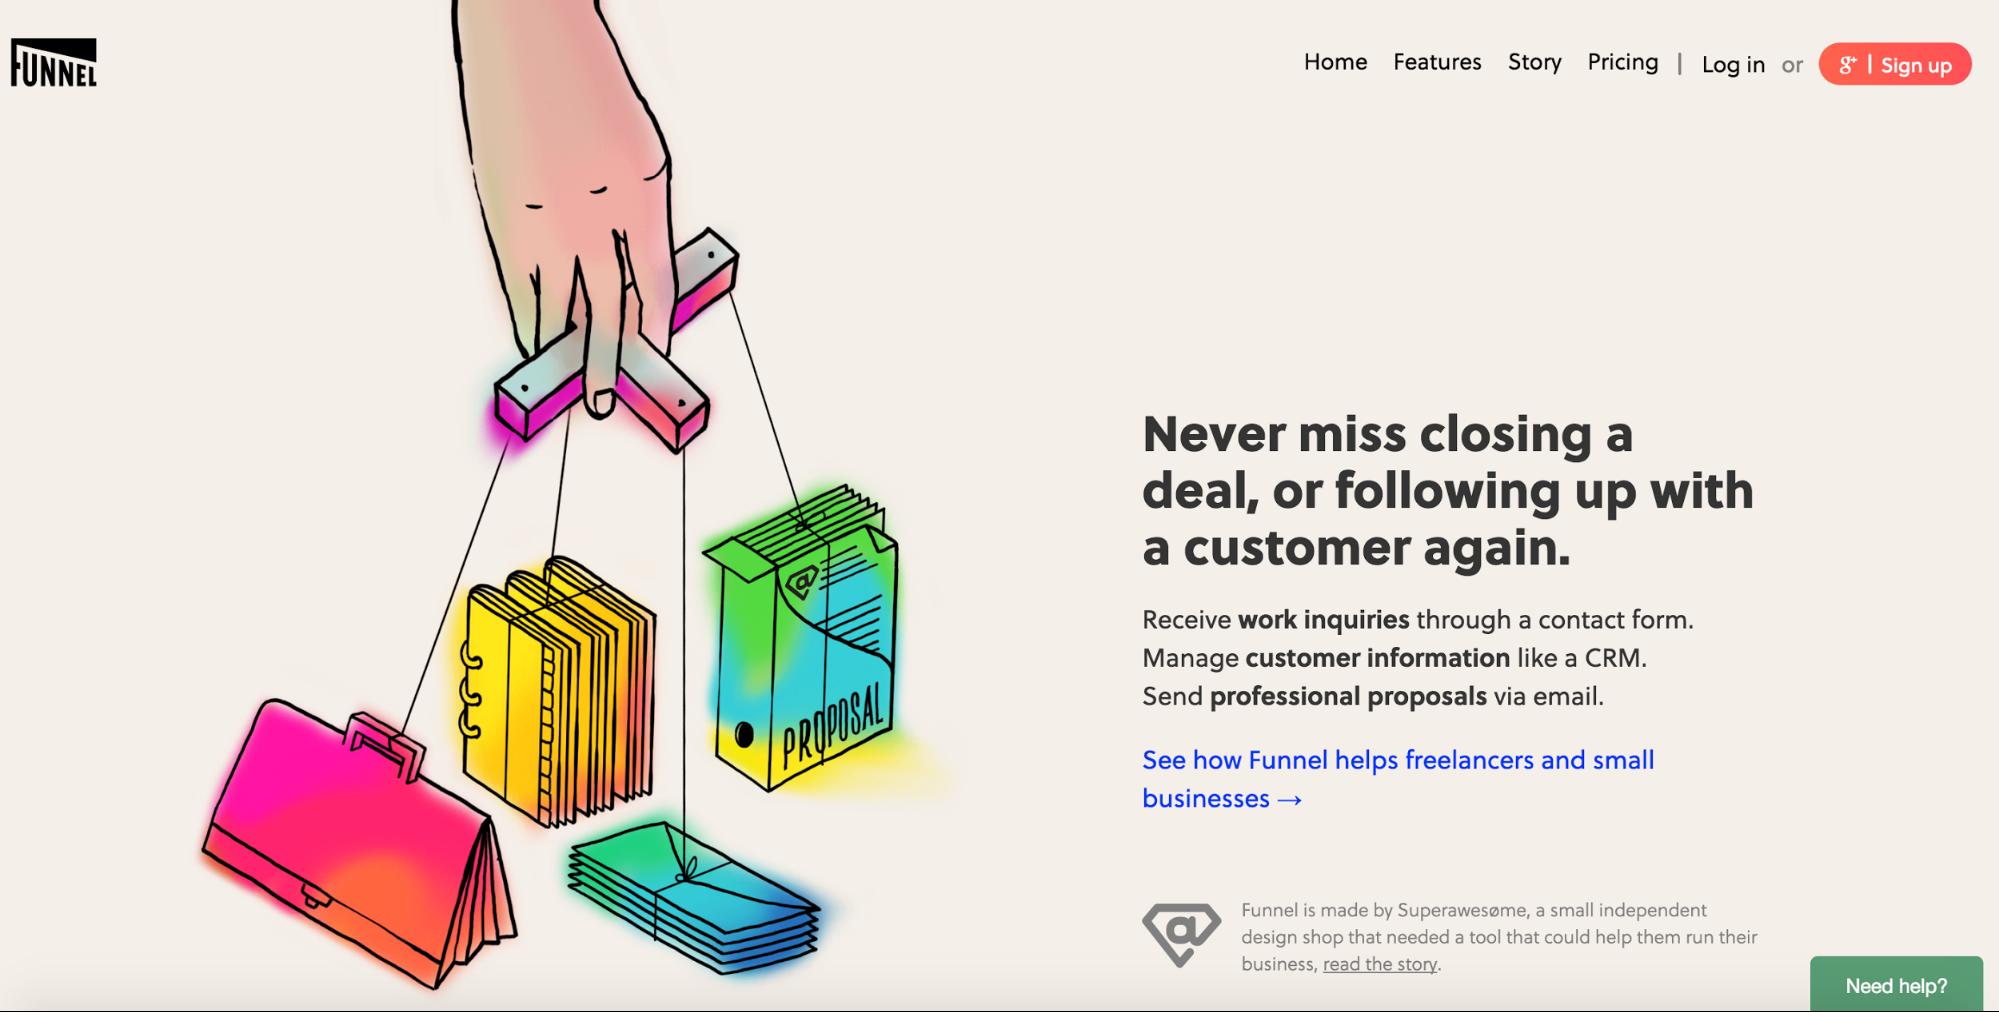 Funnel app homepage